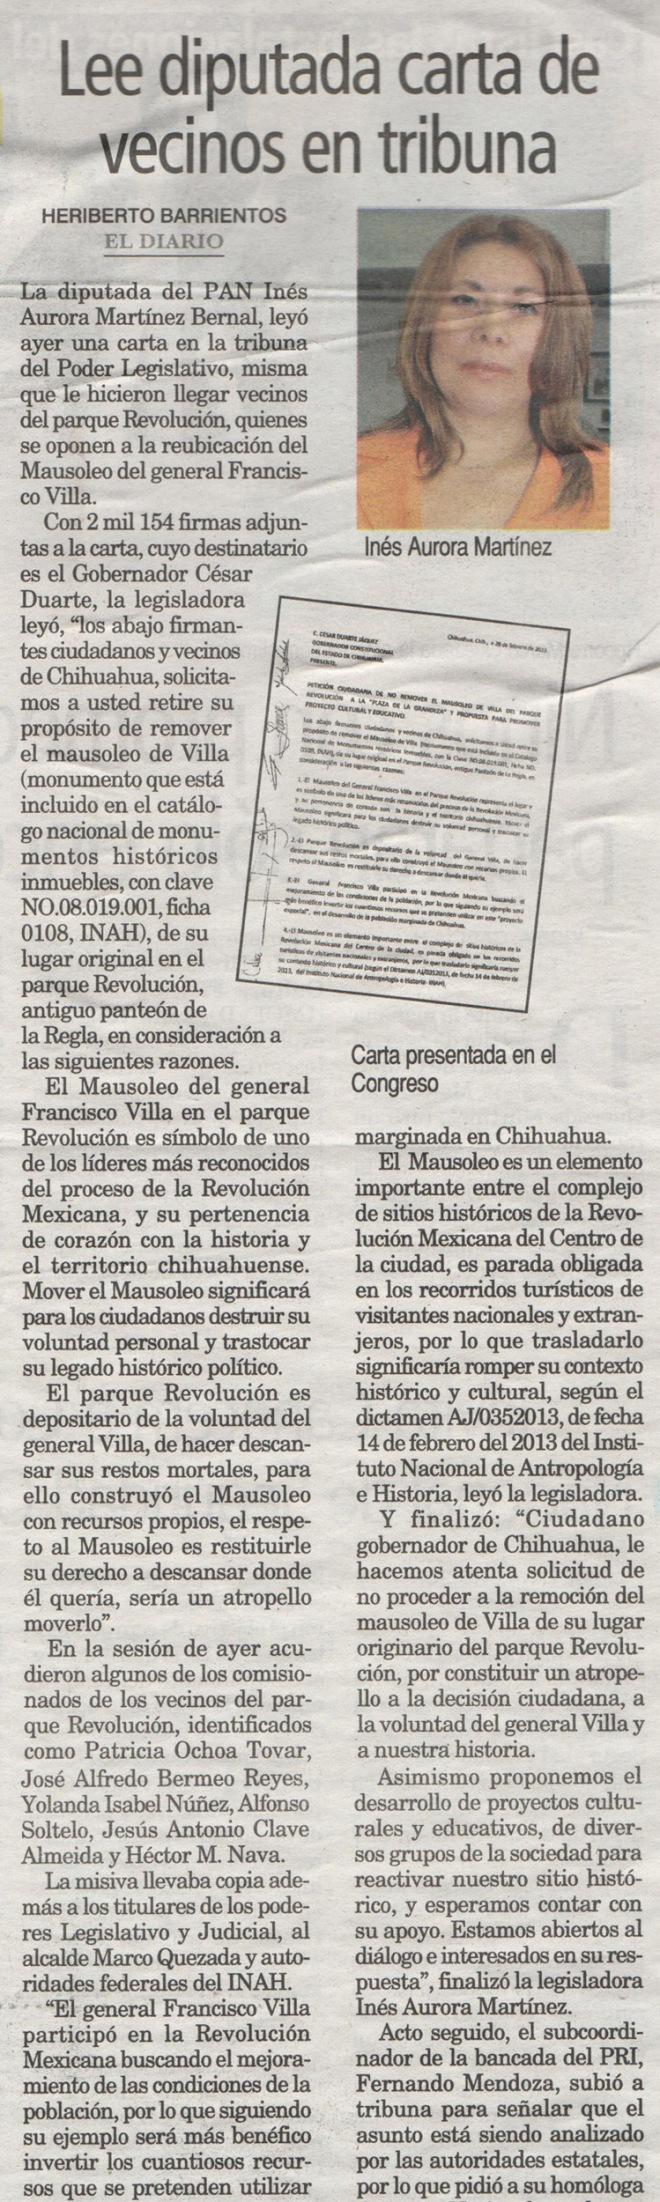 Diario 05.03.2013-2